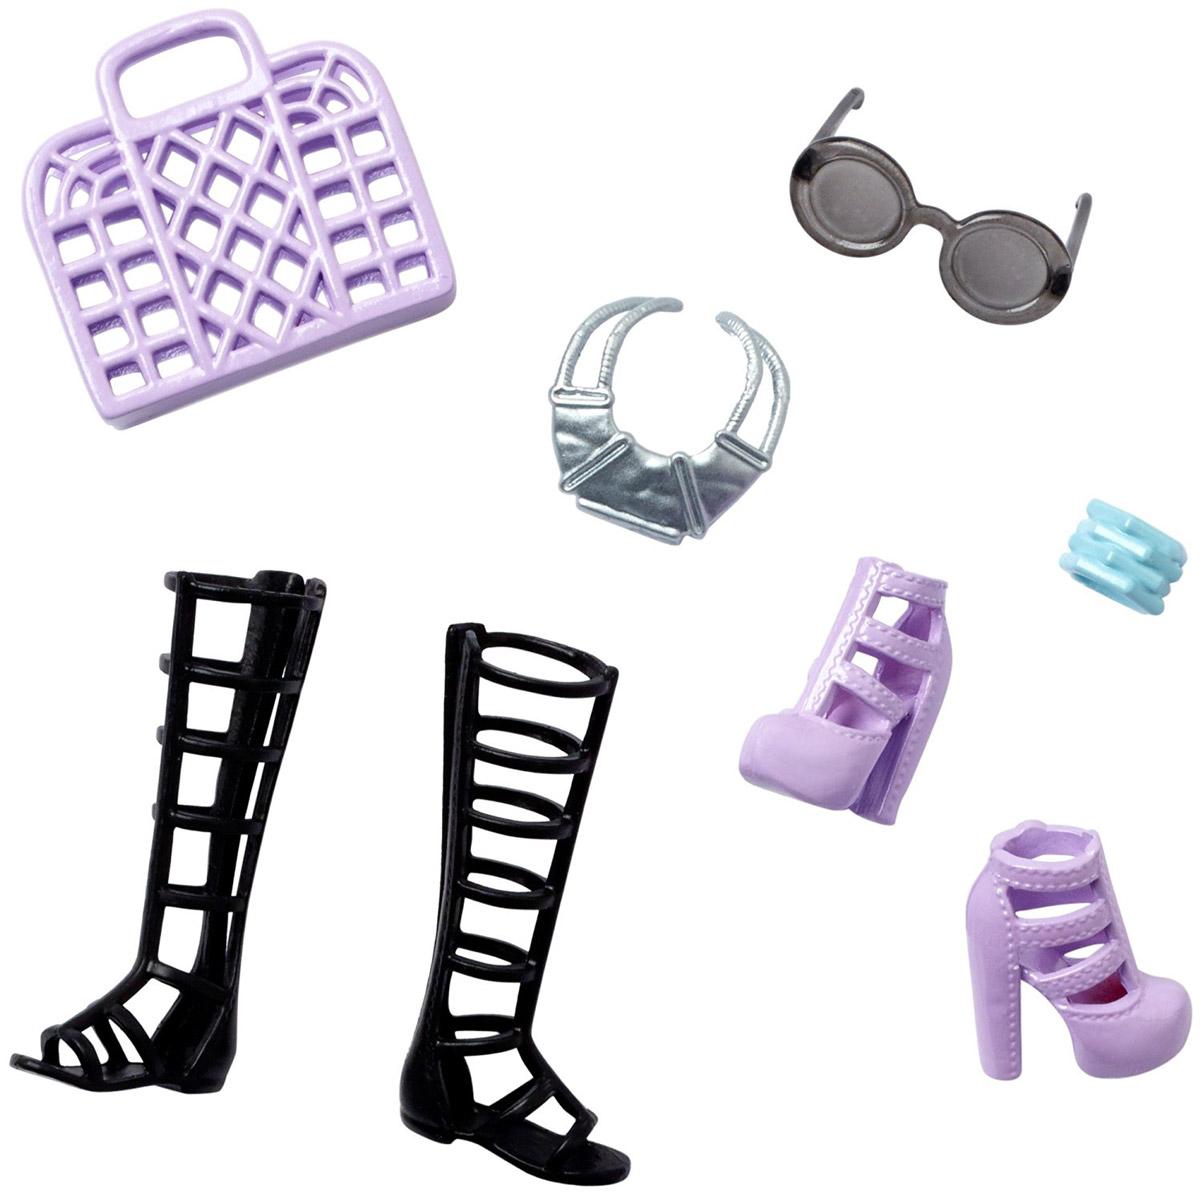 Barbie Набор обуви и аксессуаров для кукол цвет черный сиреневый